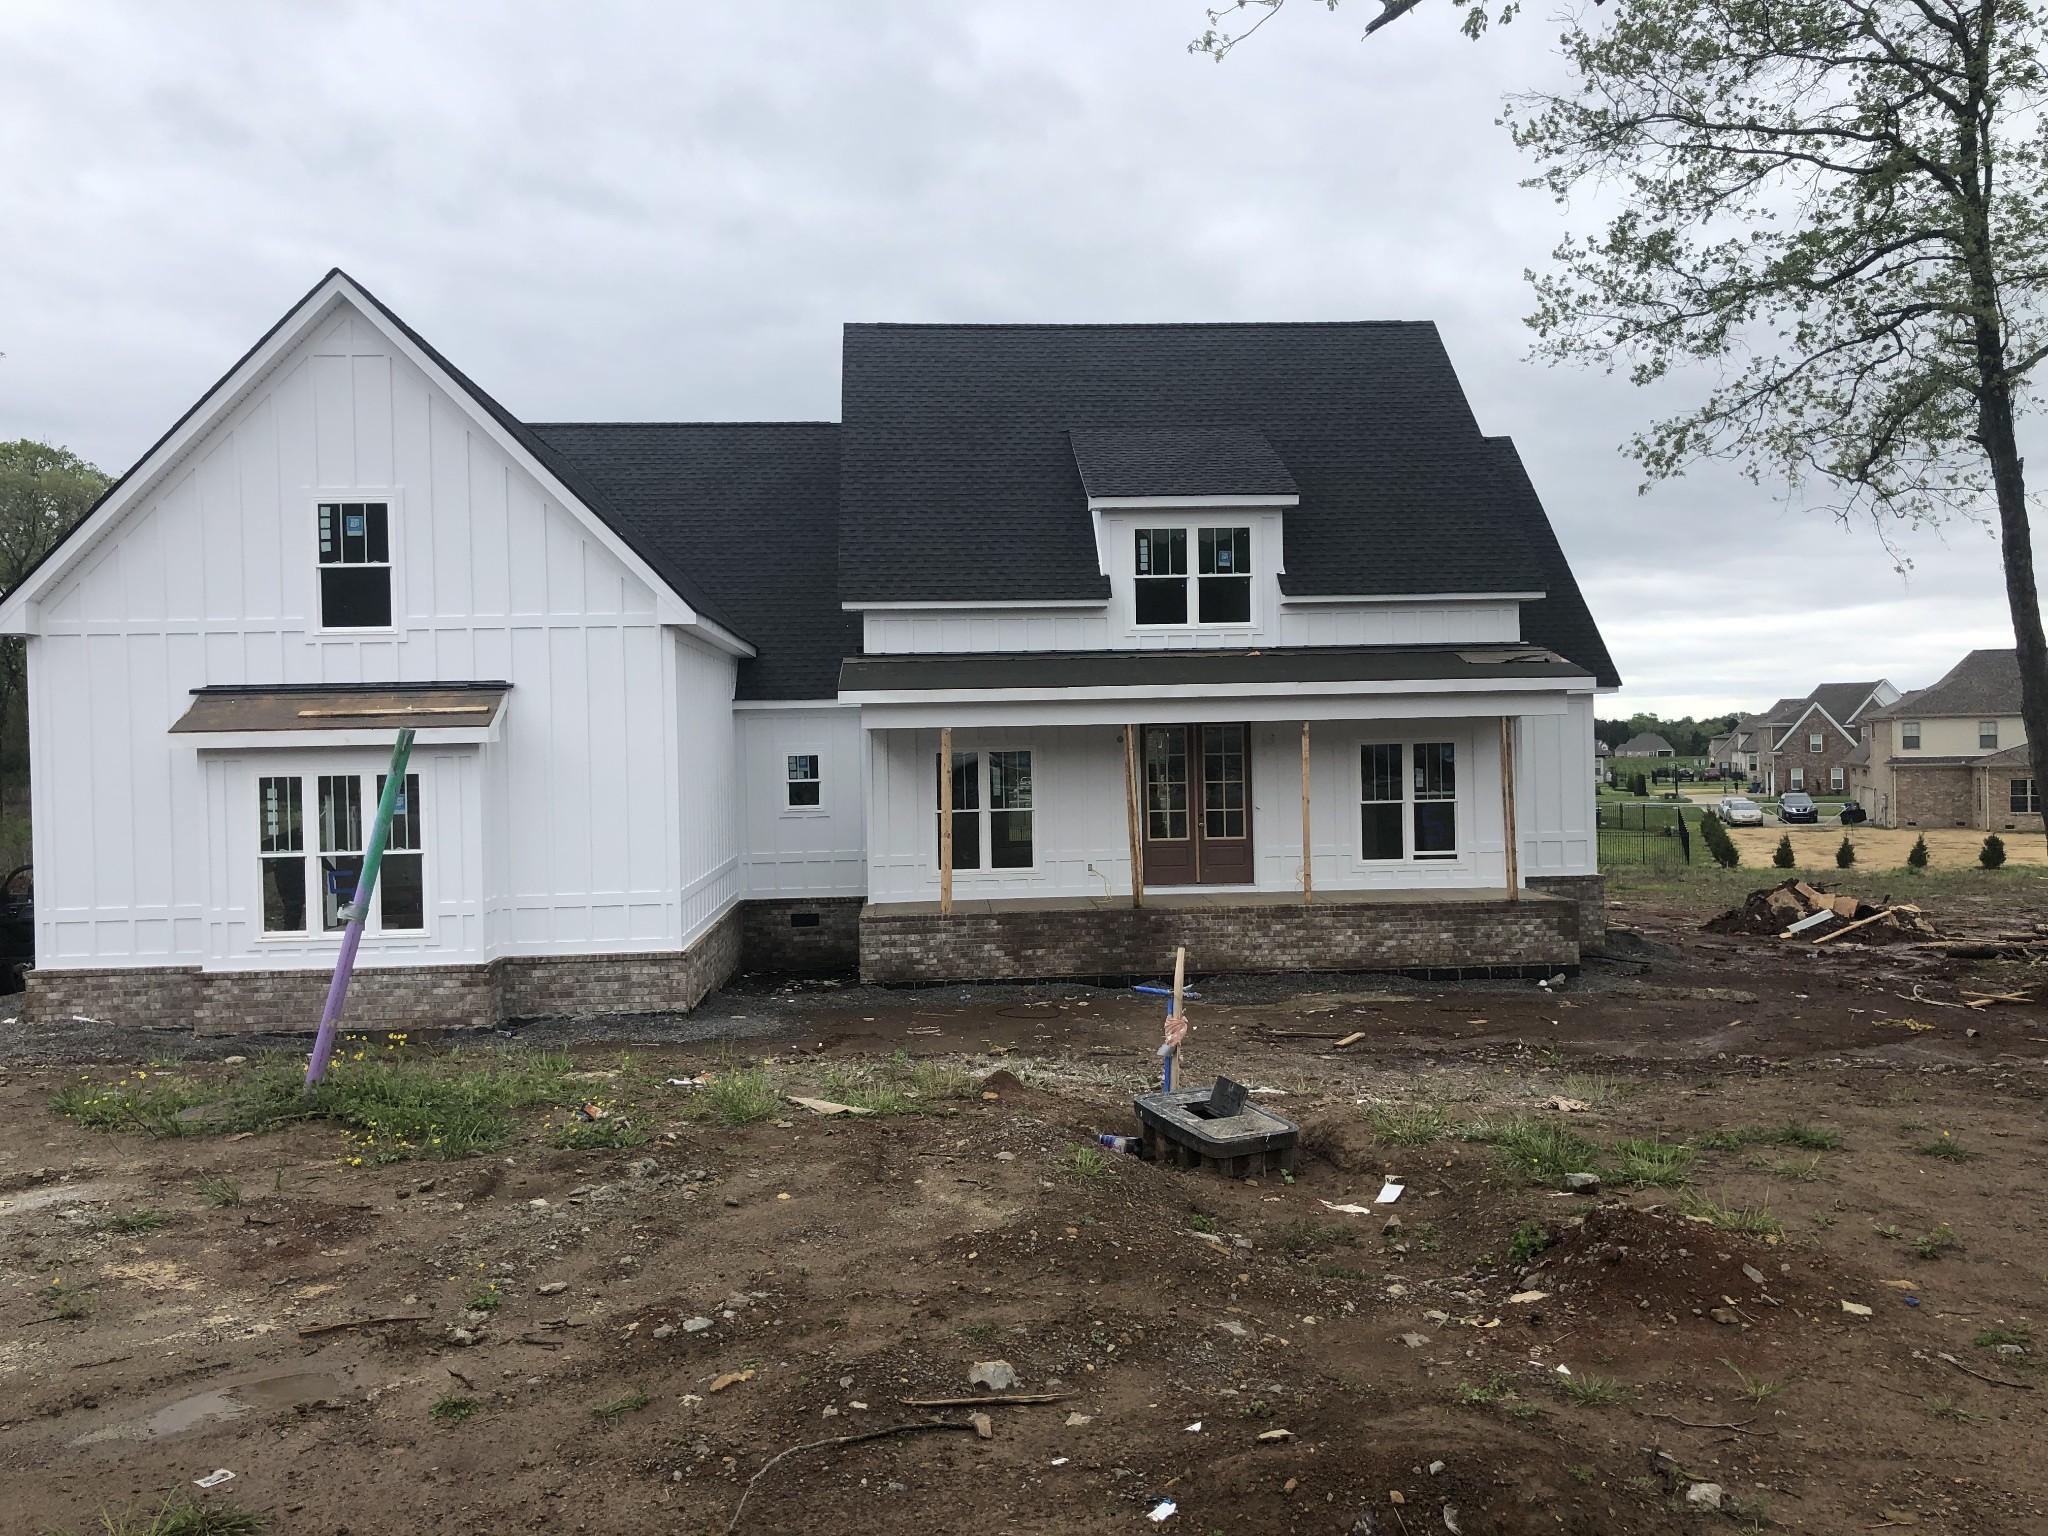 132 Seclusion, Murfreesboro, TN 37129 - Murfreesboro, TN real estate listing